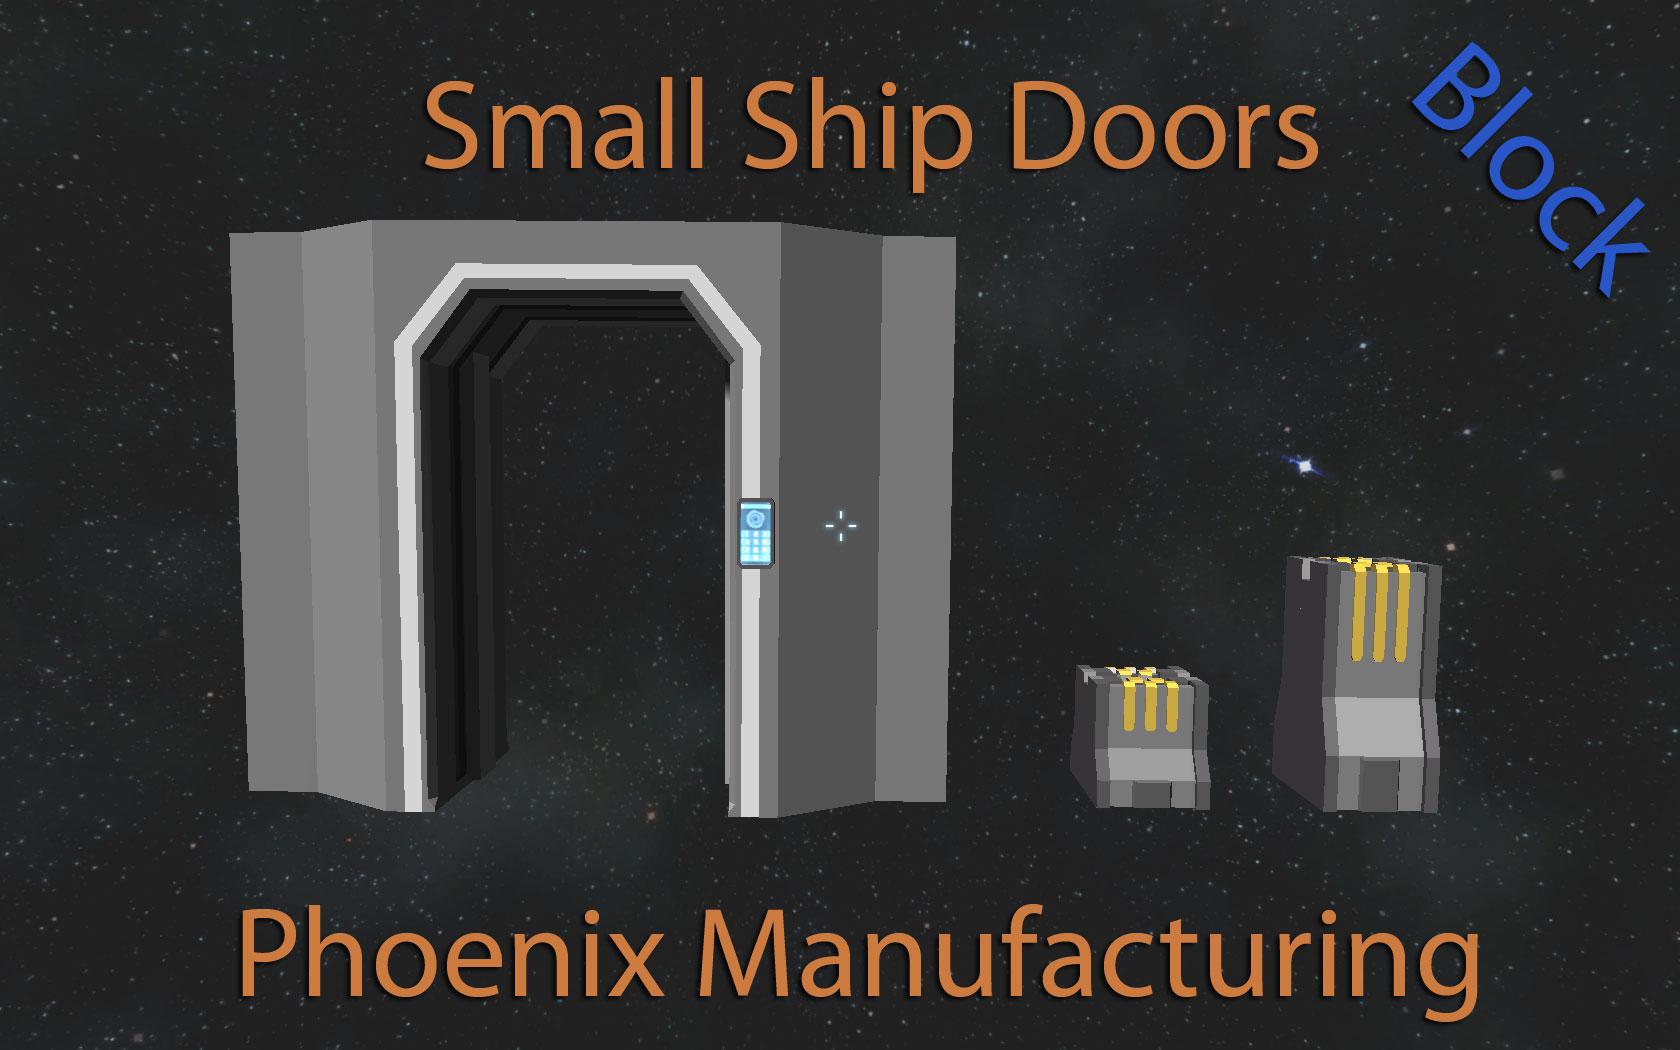 Small Ship Doors (DX11)